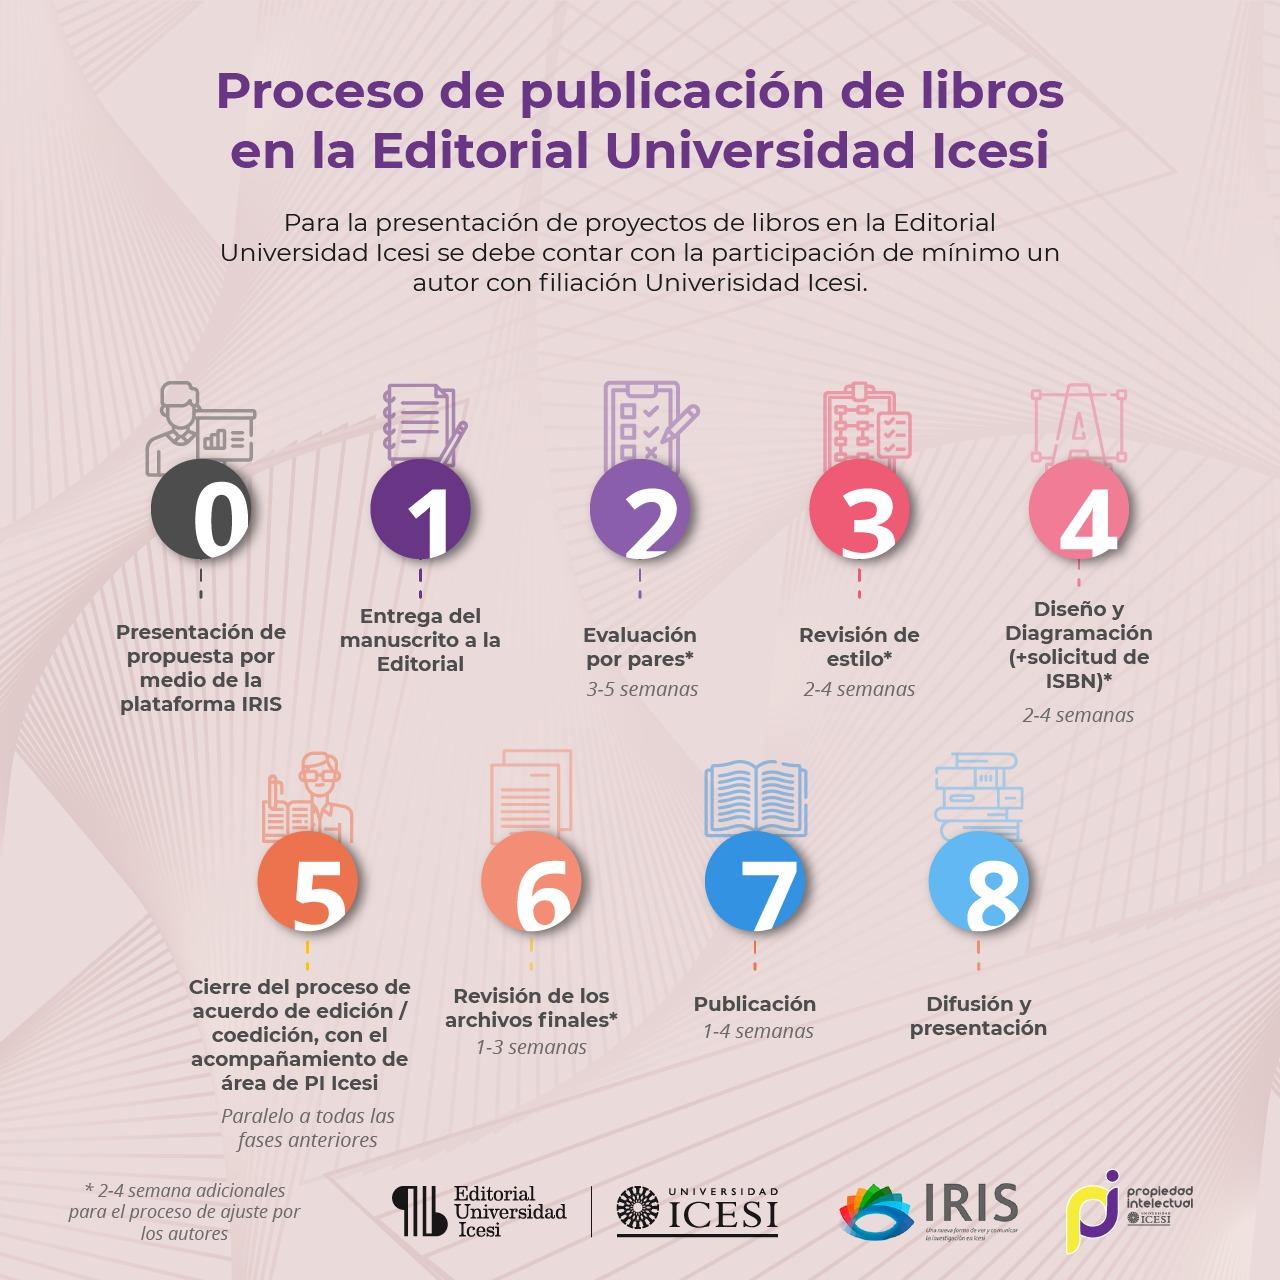 Proceso de publicación de libros en la Universidad Editorial Icesi